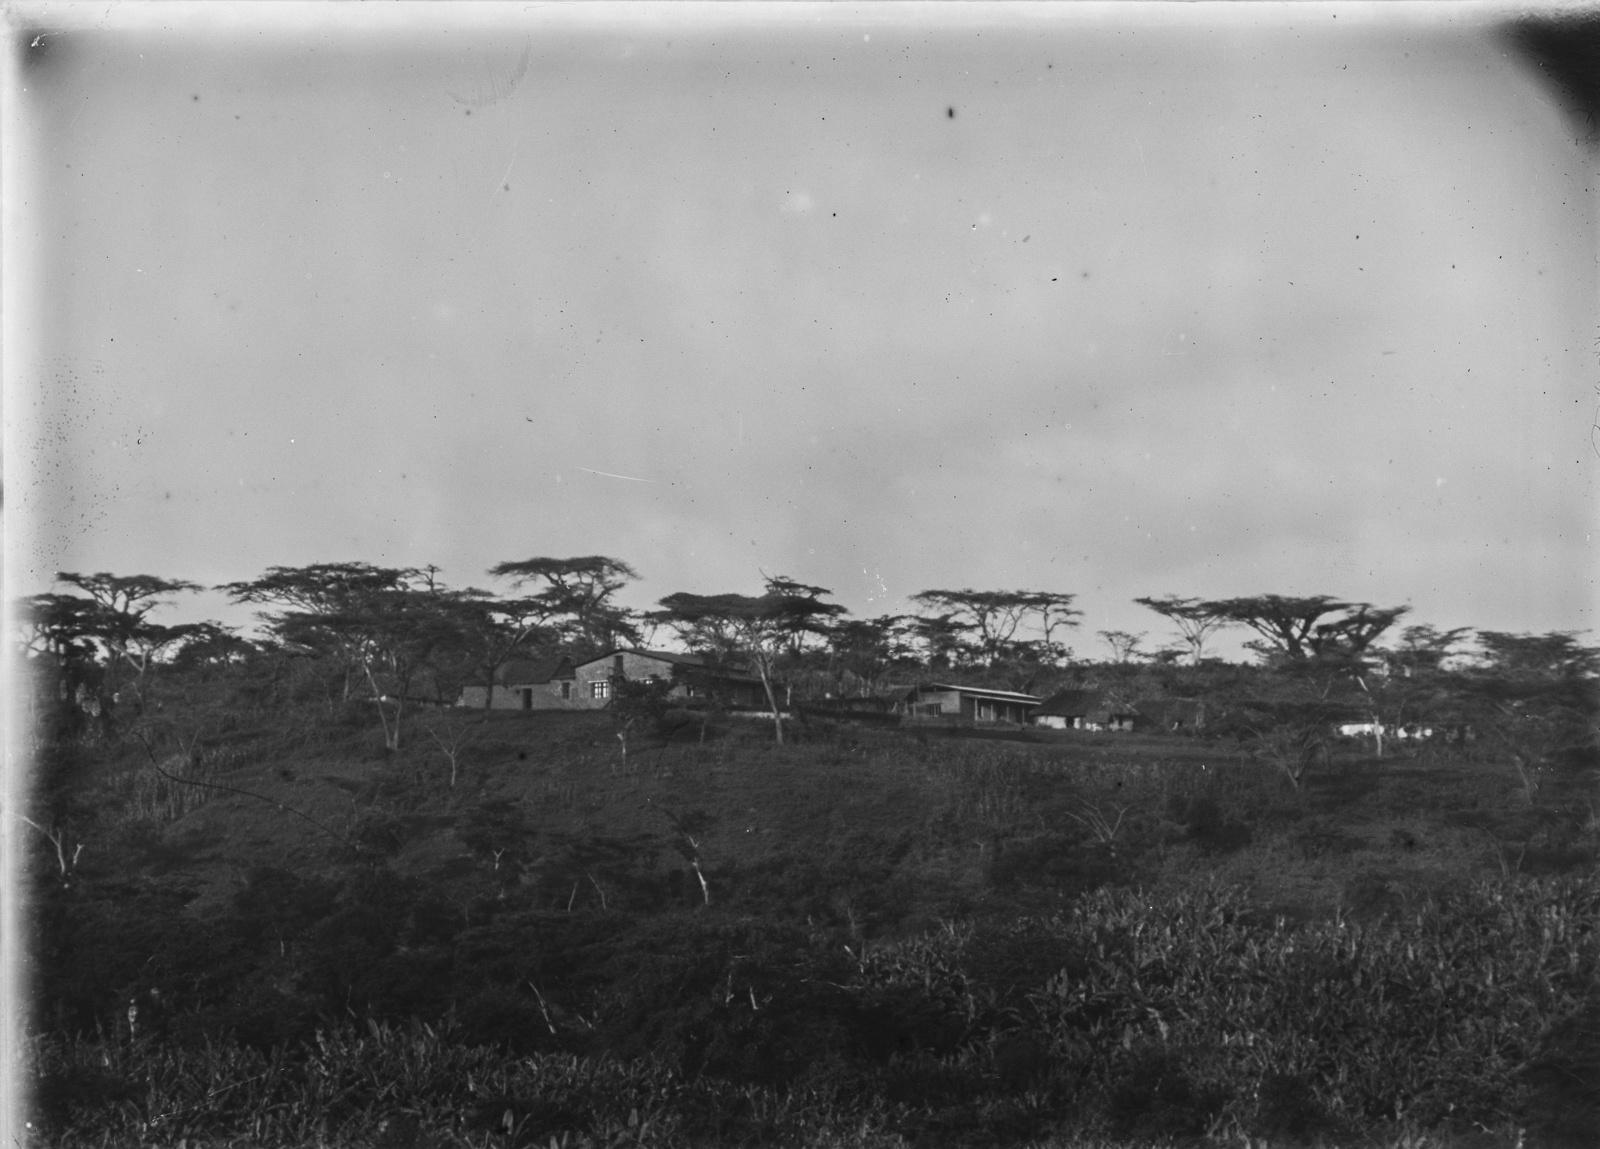 159. Станция немецкого общества Восточной Африки (ДОАГ) в Марангу. На заднем плане здания станции и зонтичные акации